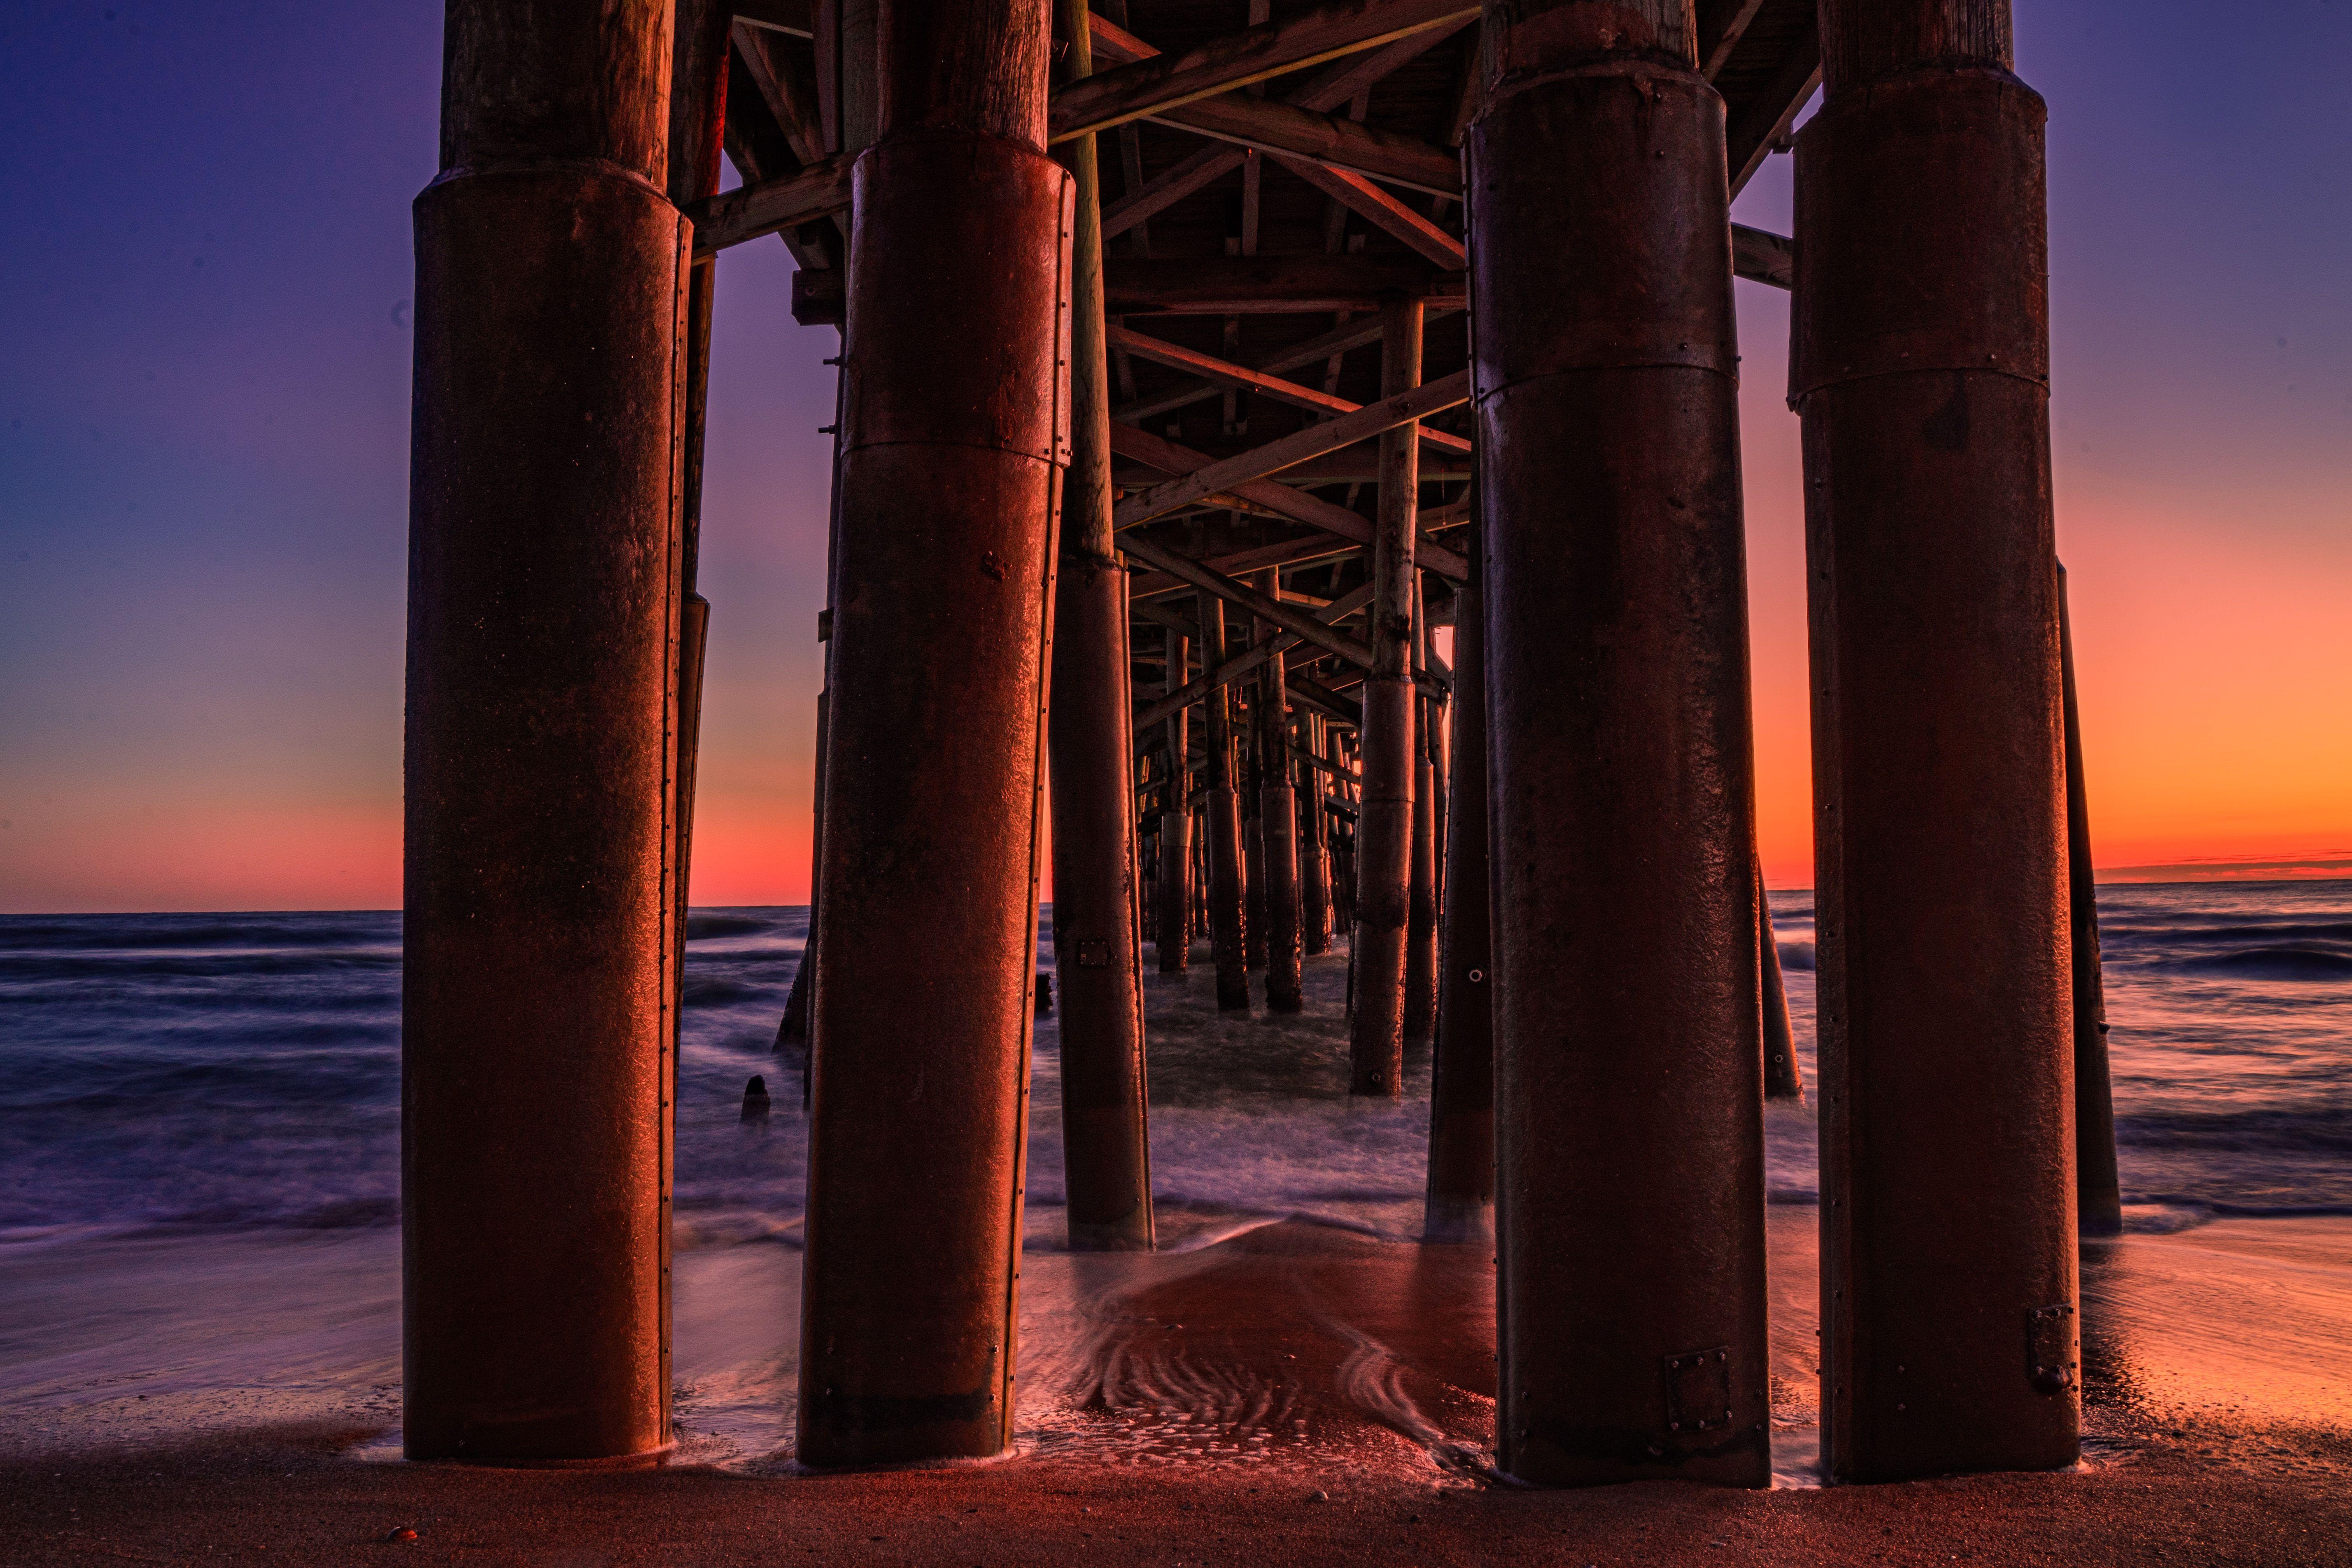 Beach pictures #homedecor #beachhousedecor #photography #ocean